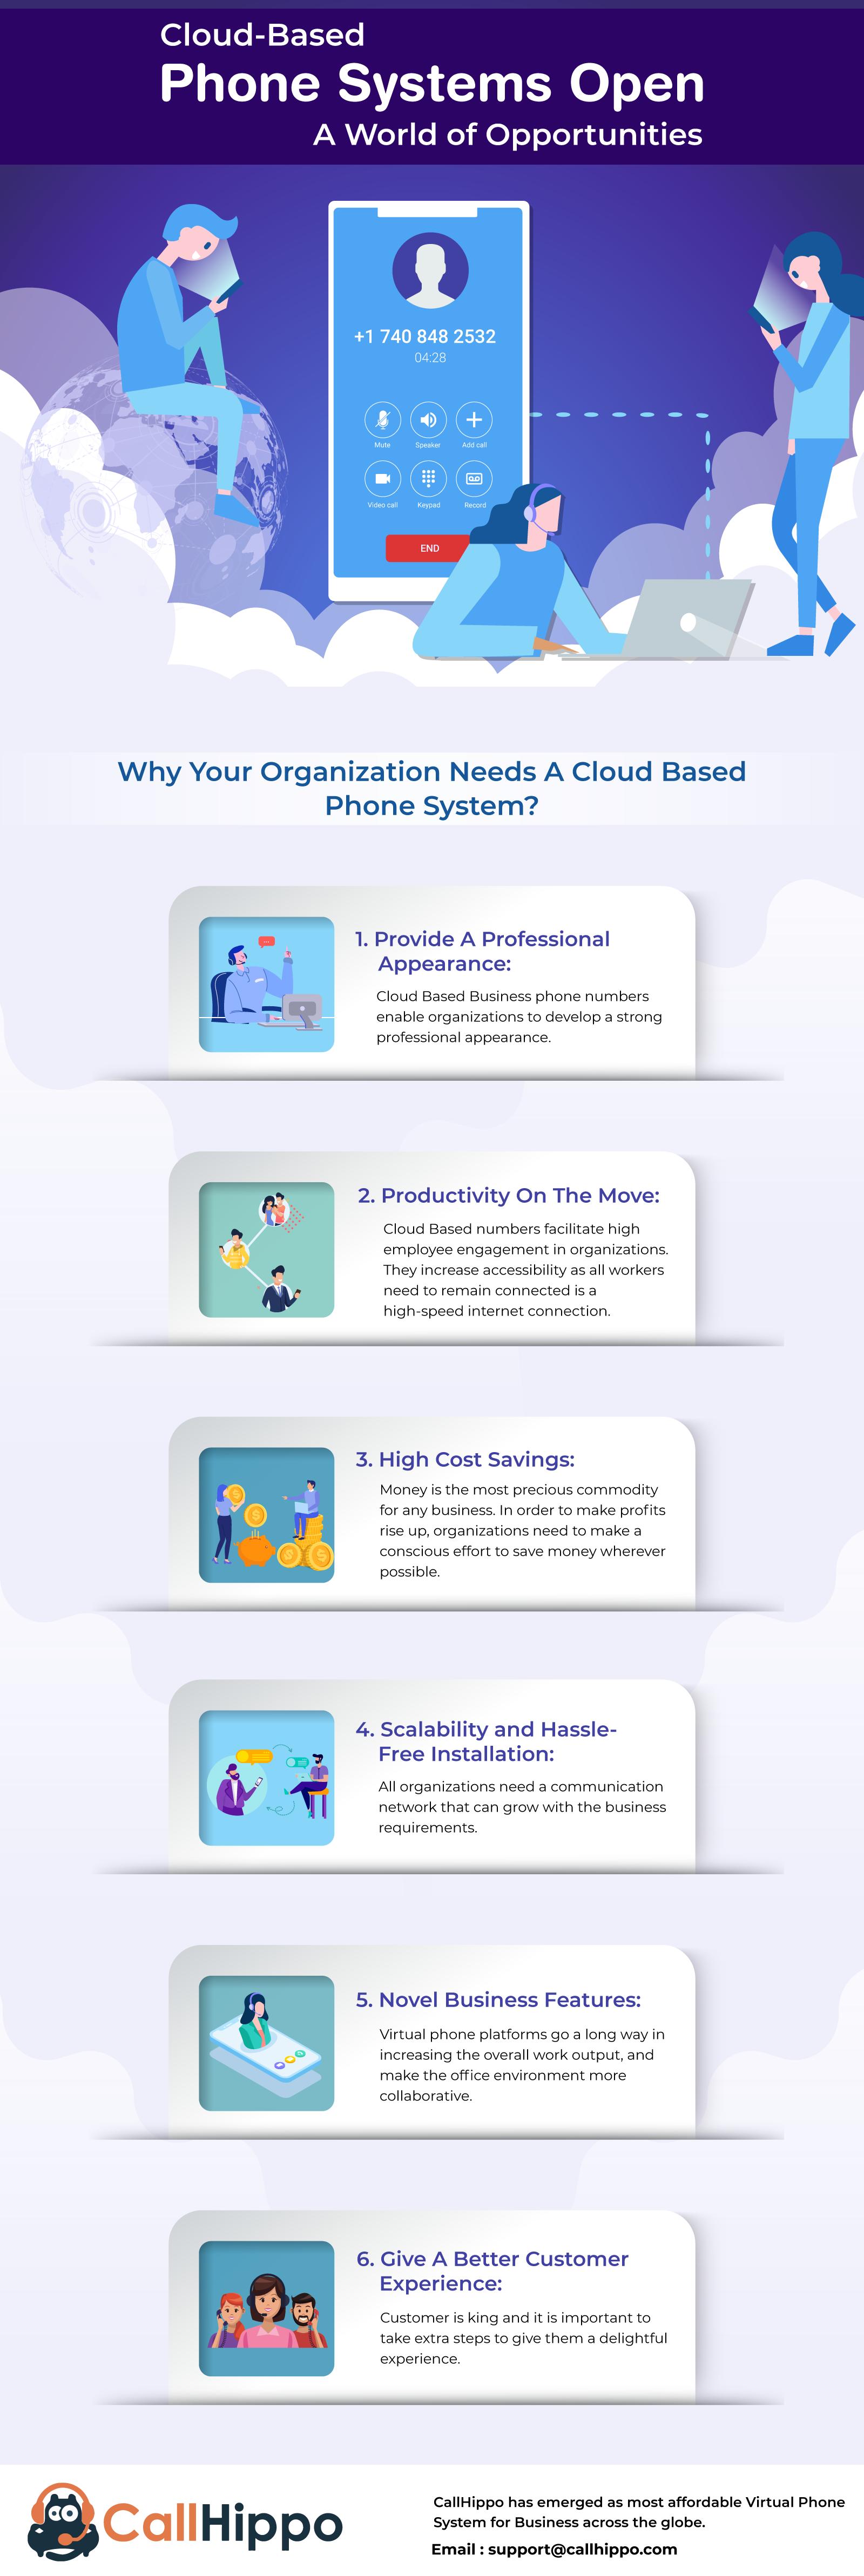 CallHippo- Infographic